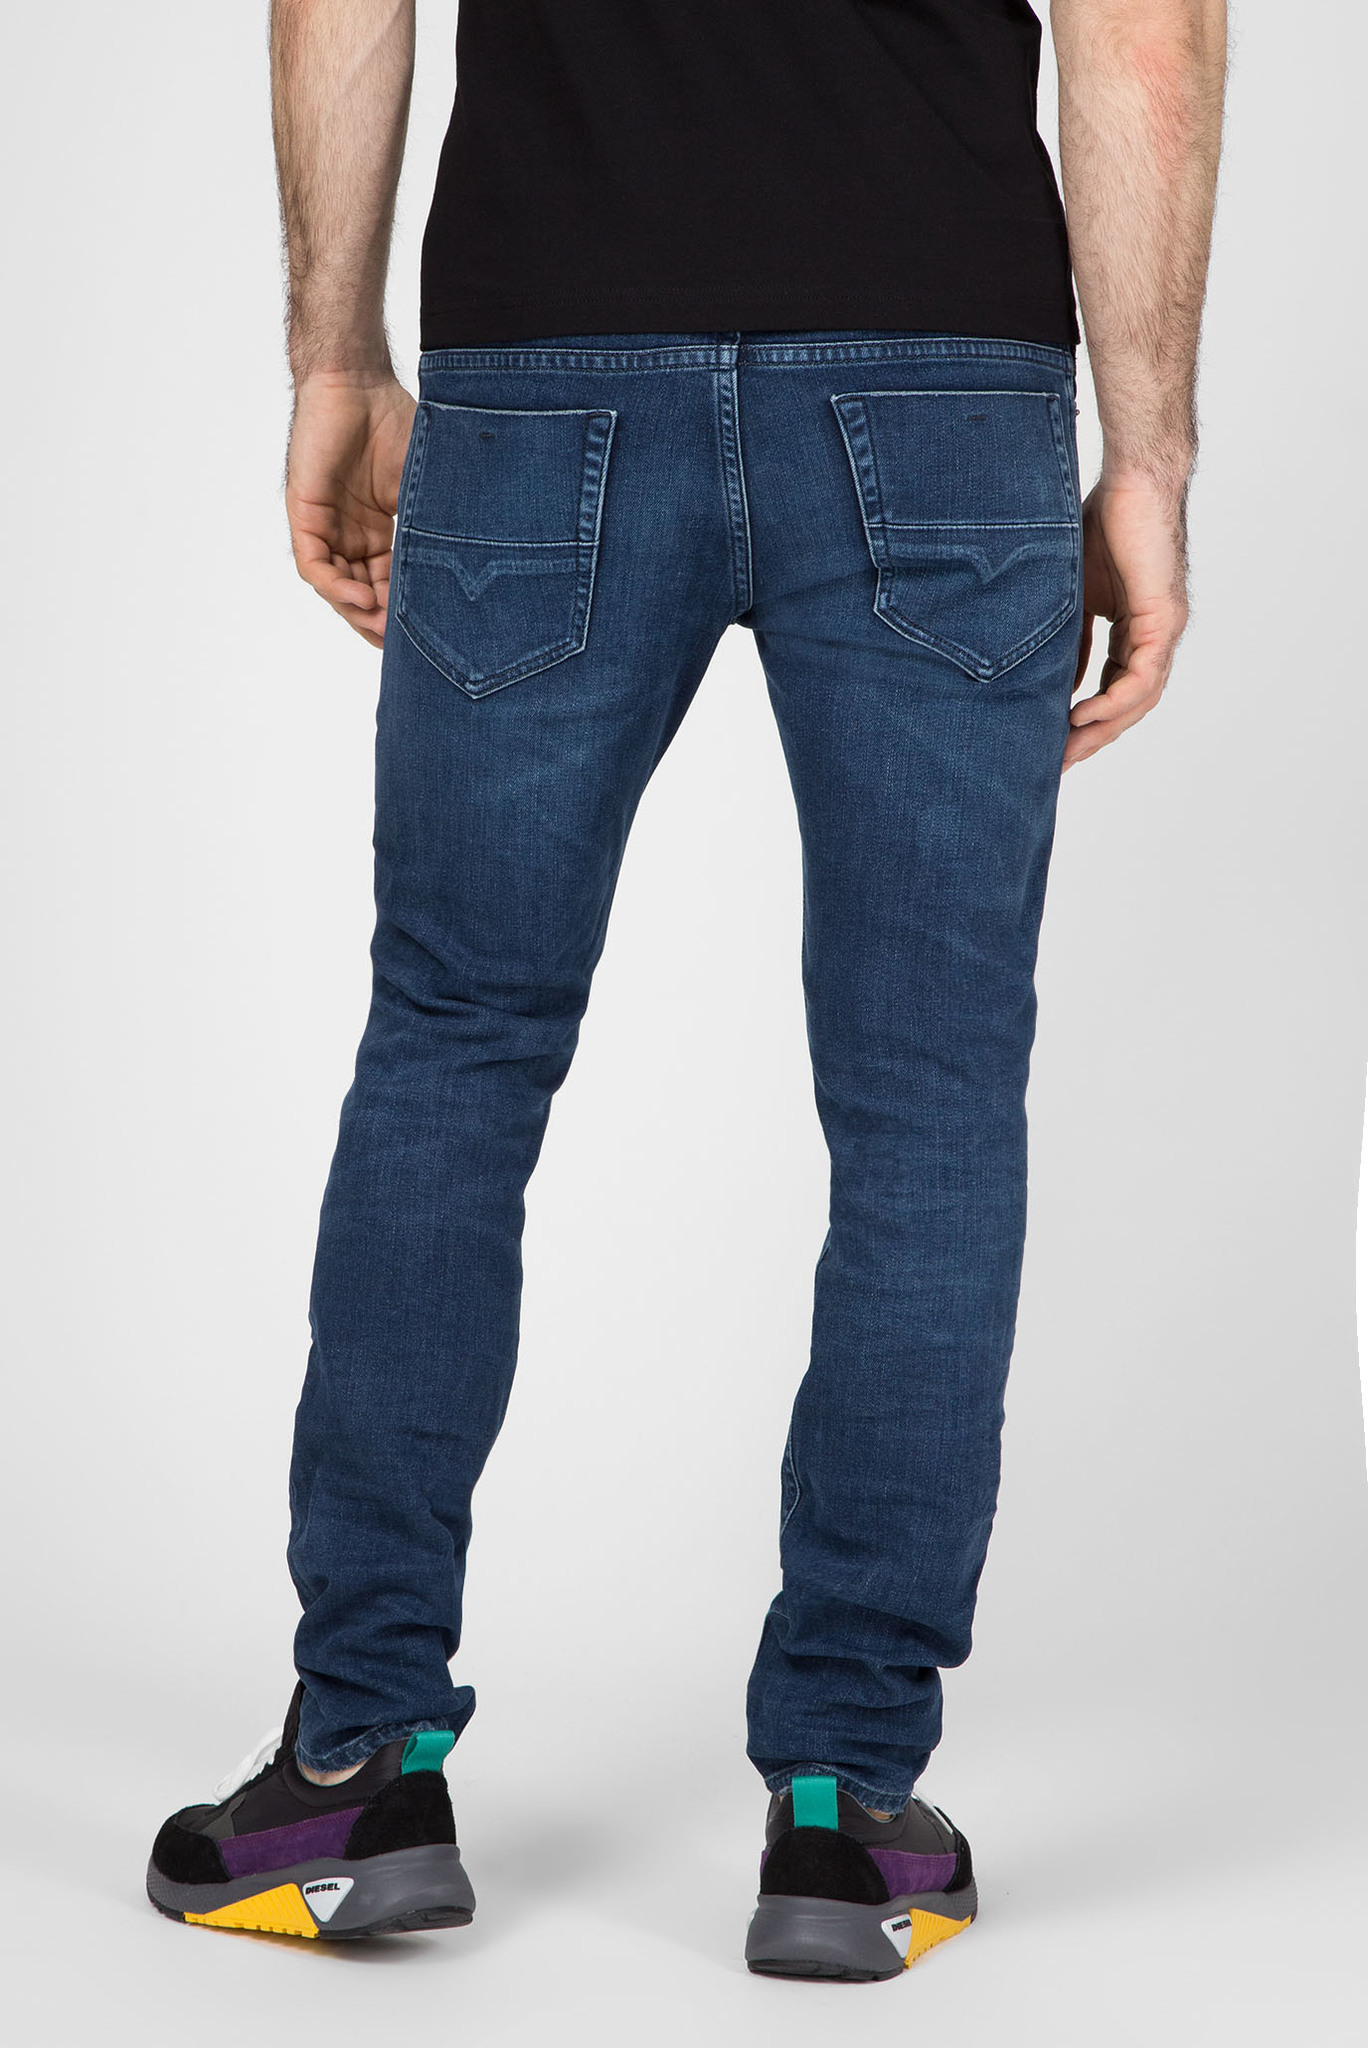 Мужские синие джинсы THOMMER-X L.32 Diesel